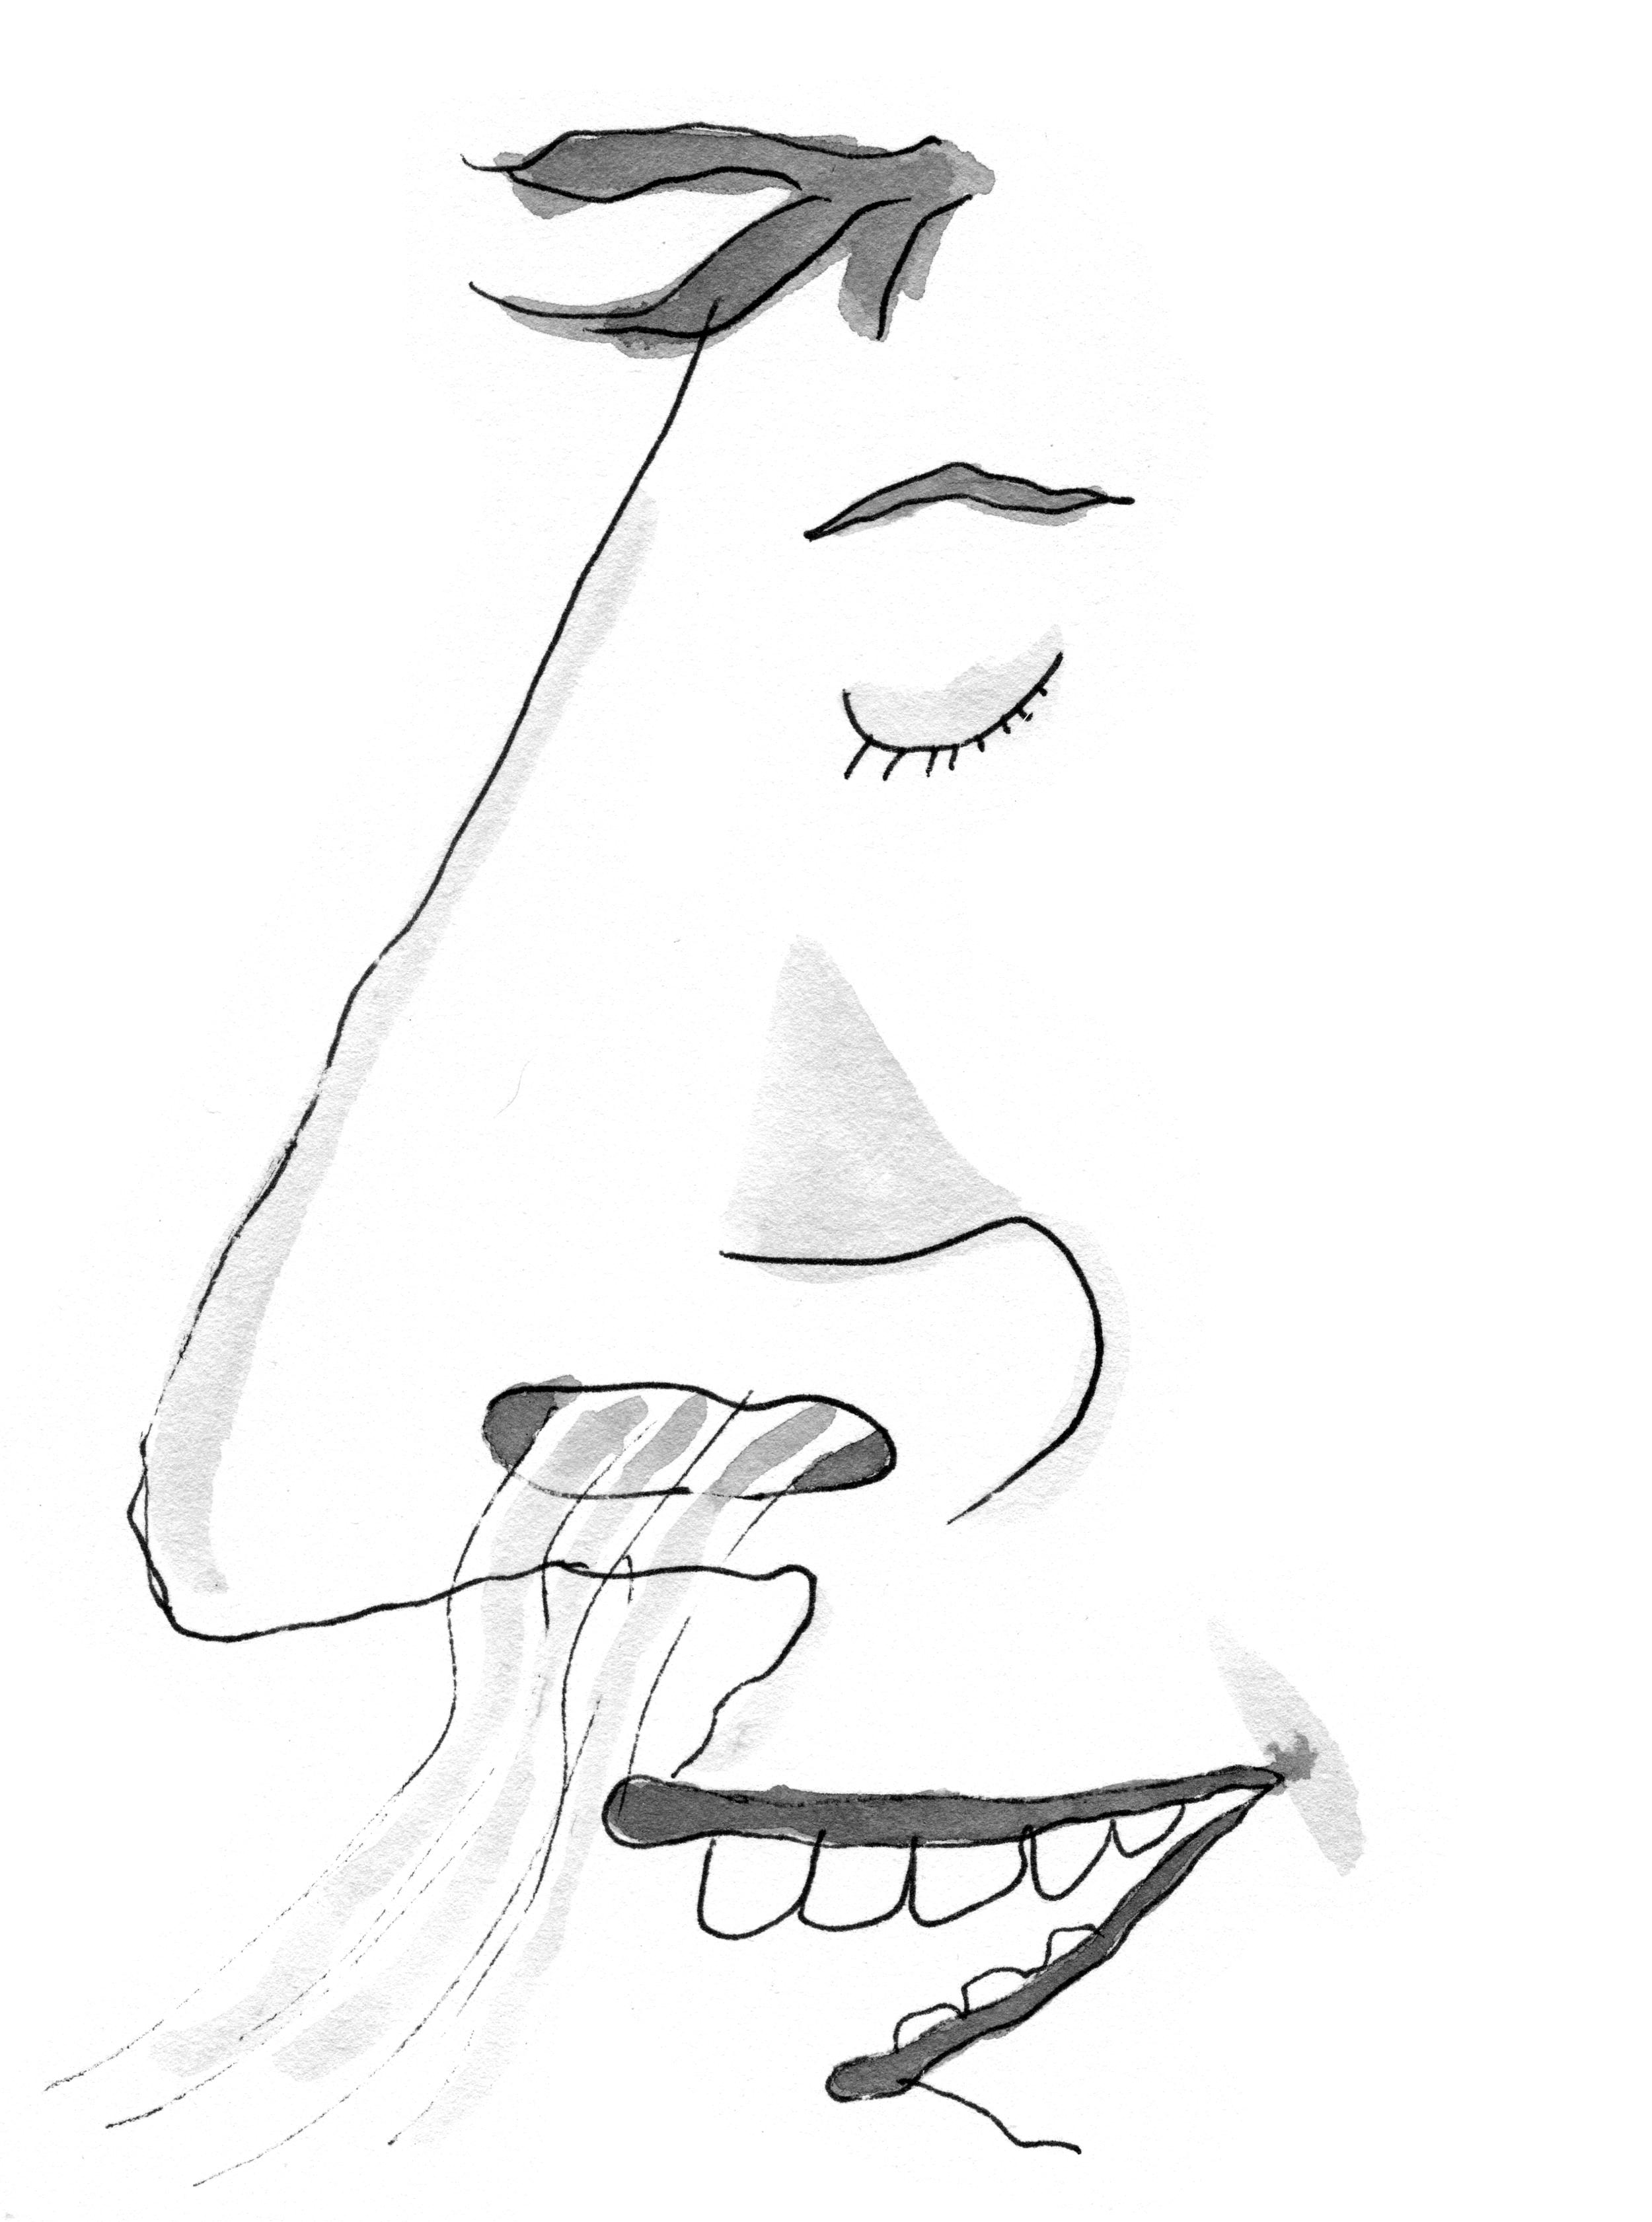 smellhole